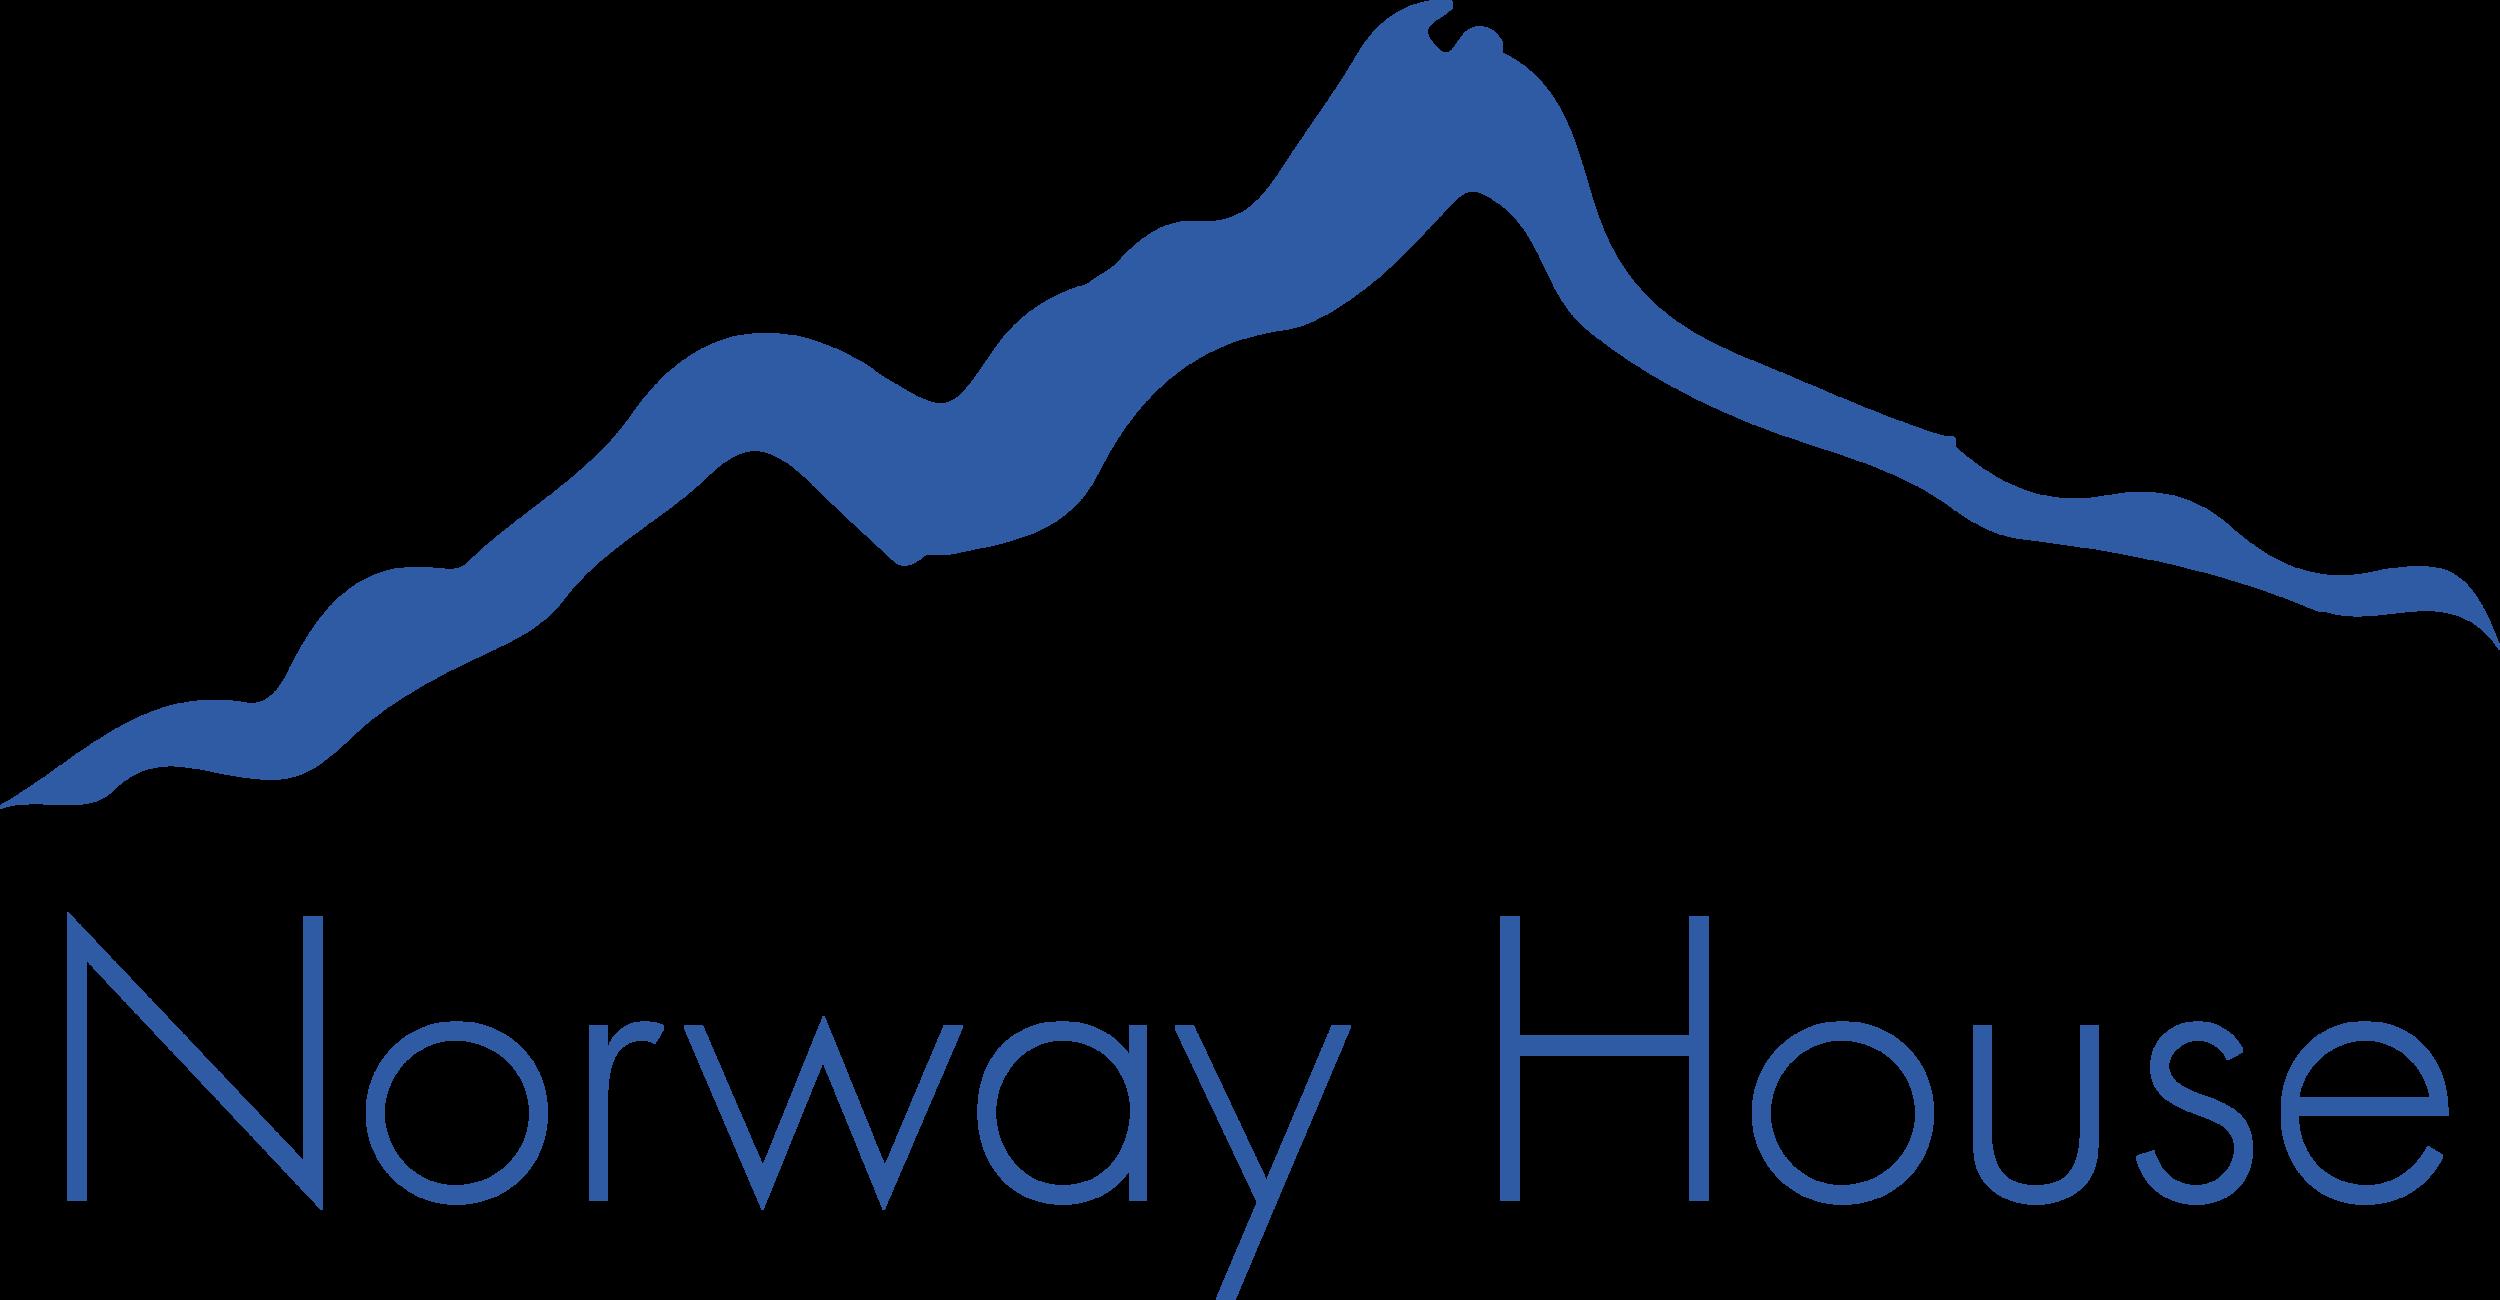 NorwayHouse_Logo_20x10.png